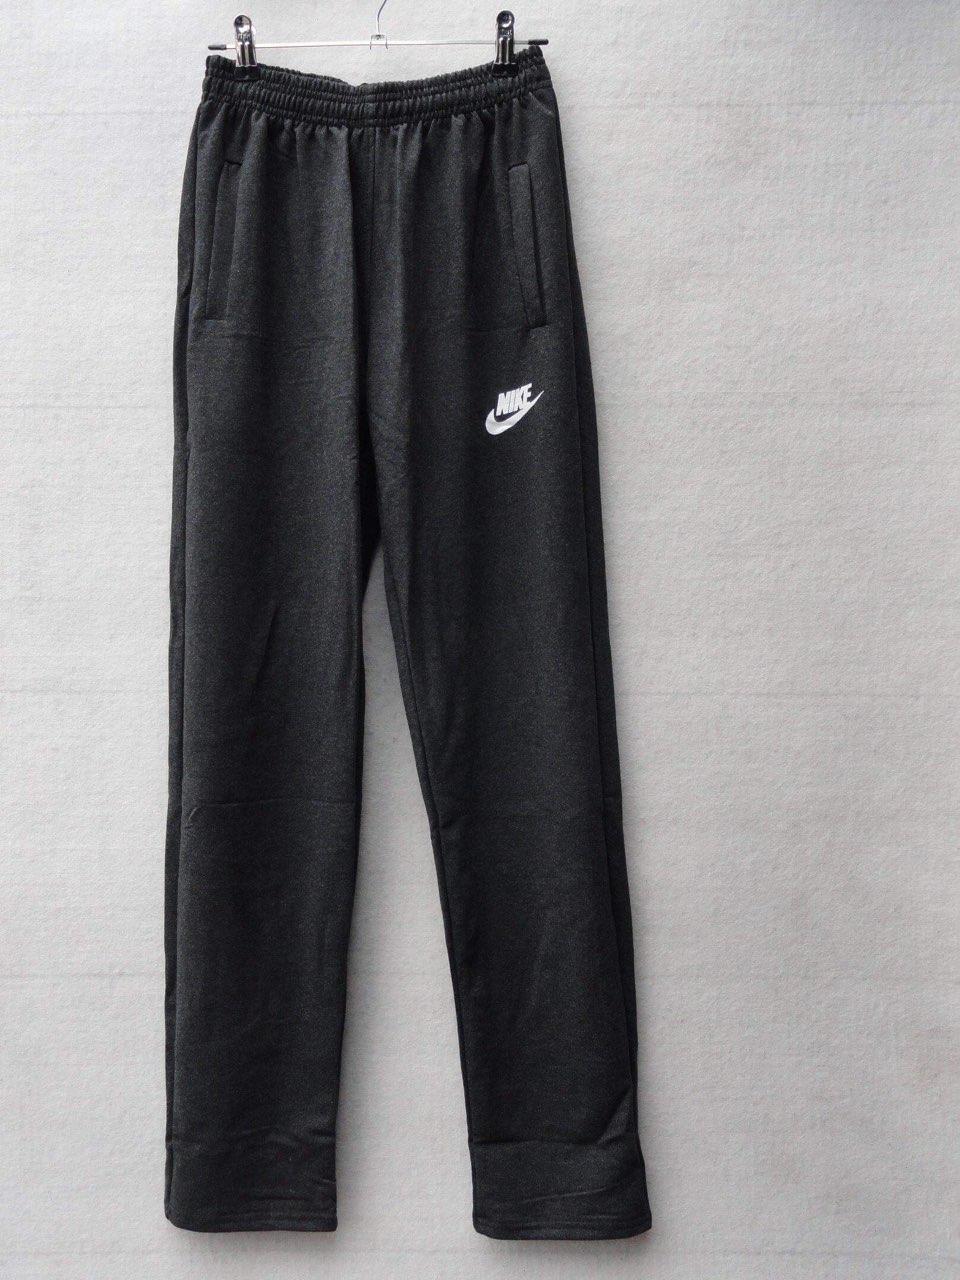 d01a447e Штаны спортивные подростковые Nike для мальчика 11-16 лет (реплика), цена  120 грн., купить в Одессе — Prom.ua (ID#907873564)